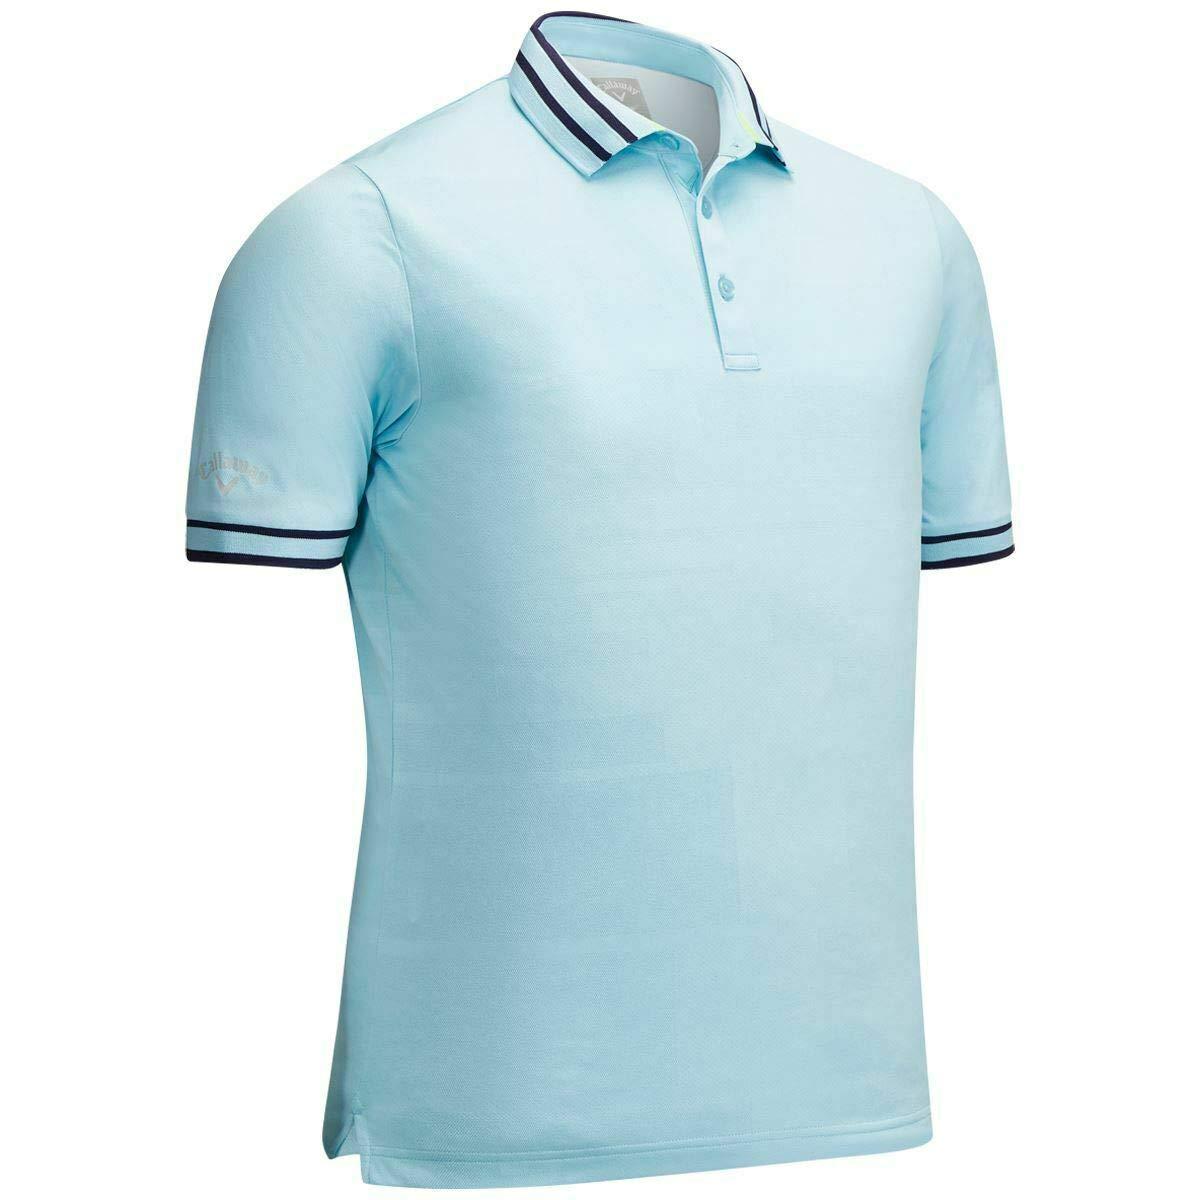 スポーツ/アウトドア/ゴルフ/ウェア/メンズ/シャツ/ポロシャツ/Callaway 2019 Block Texture Embroidered Contrast Opti-dri Mens Golf Polo Shirt M  B07QPK616G